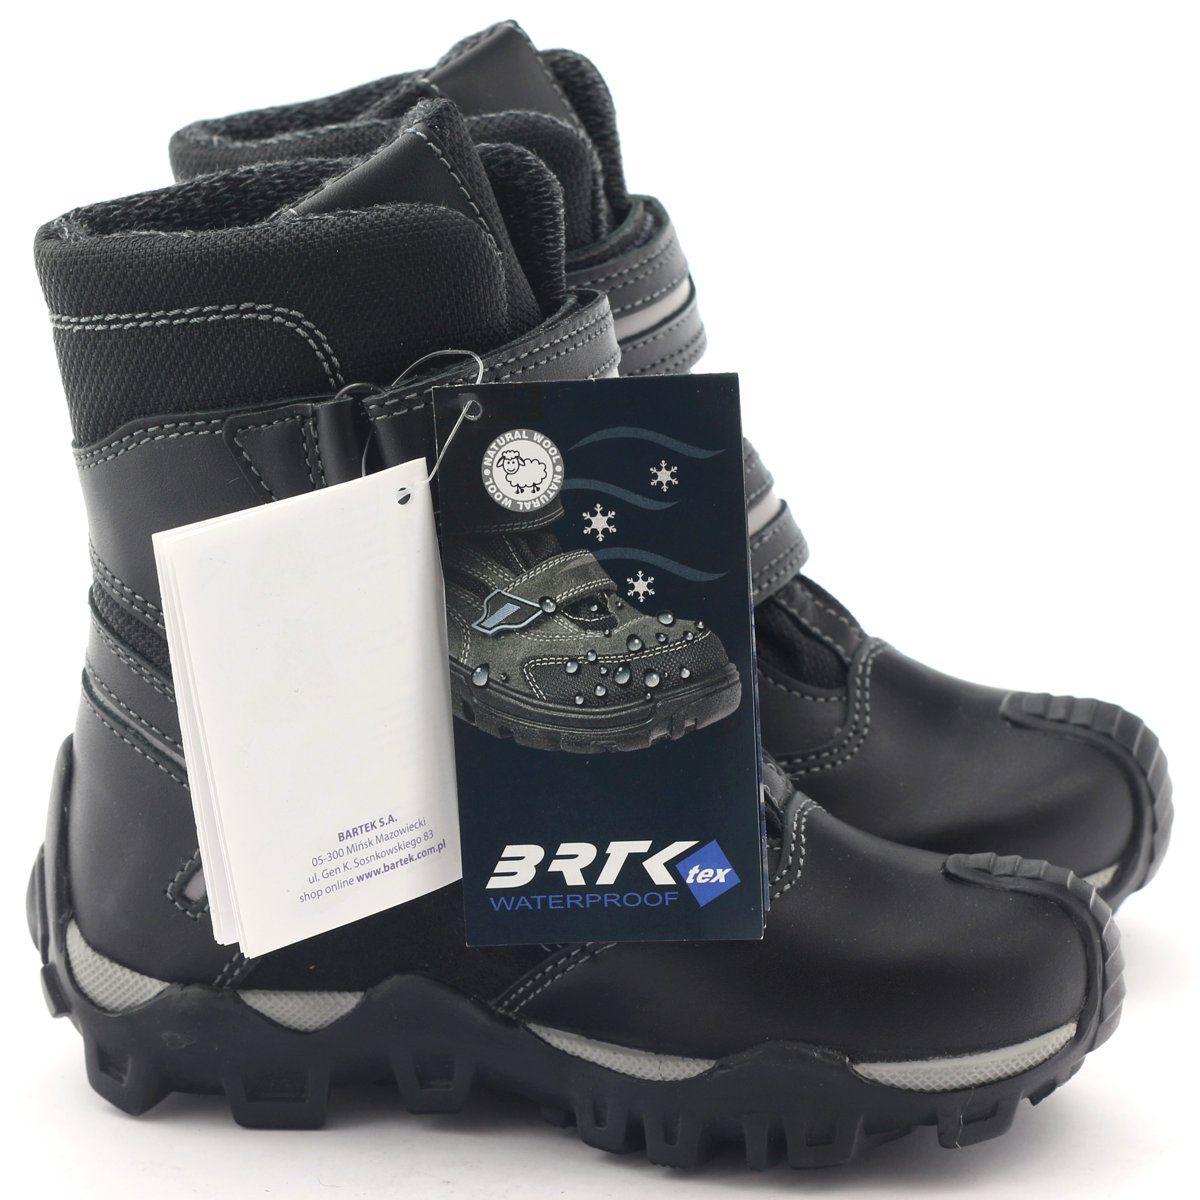 Kozaczki Dla Dzieci Bartek Szare Trzewiki Z Membrana Bartek 94392 Czarne Boots Winter Boot Shoes